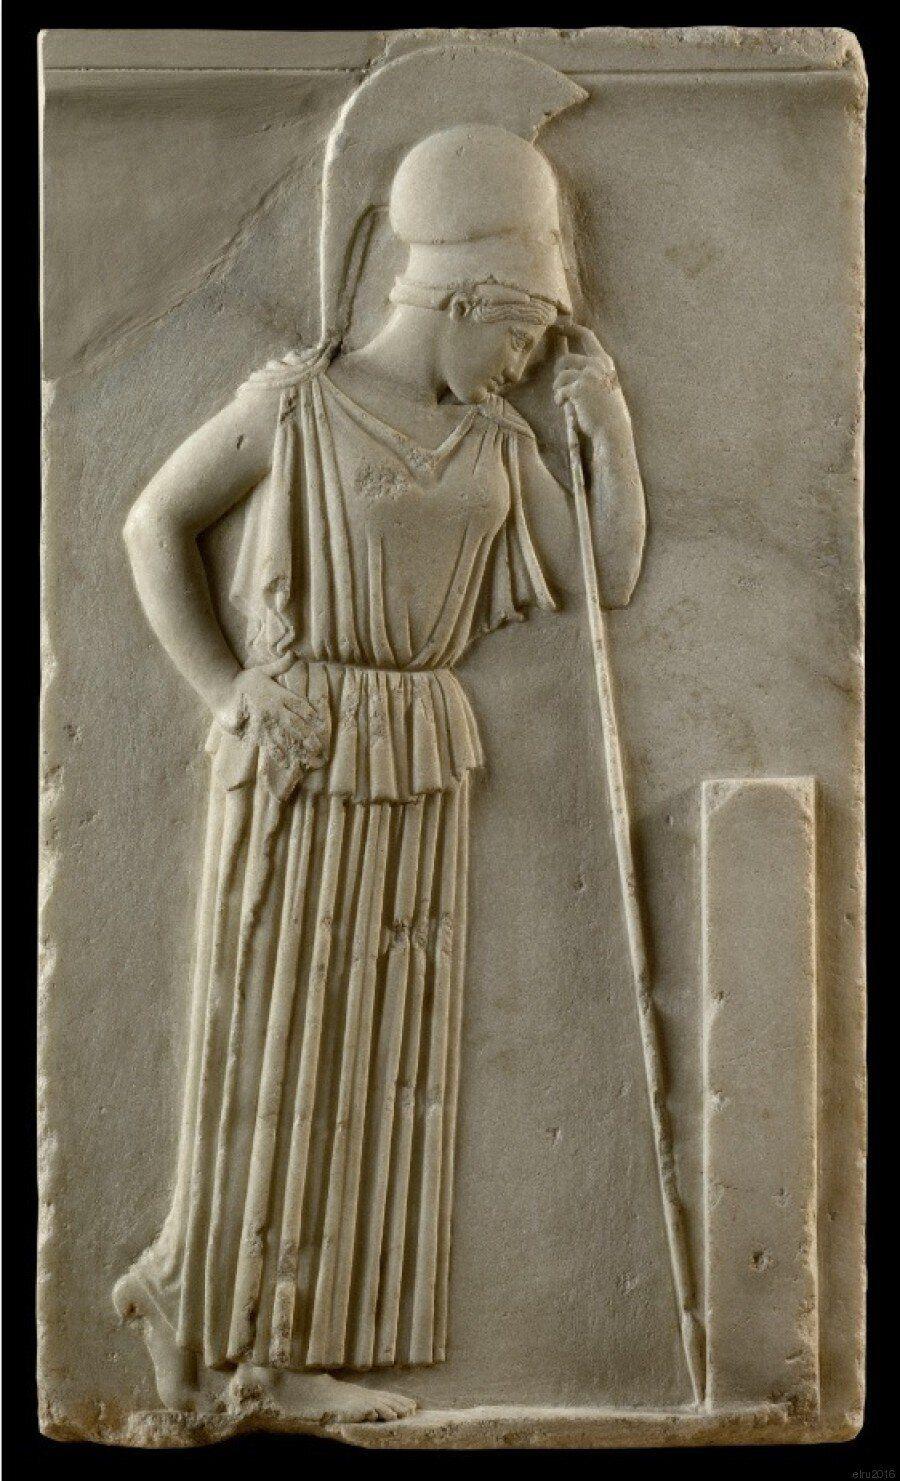 Οι Θεοί και οι Ήρωες των Αρχαίων Ελλήνων καταλαμβάνουν την Κόκκινη Πλατεία της